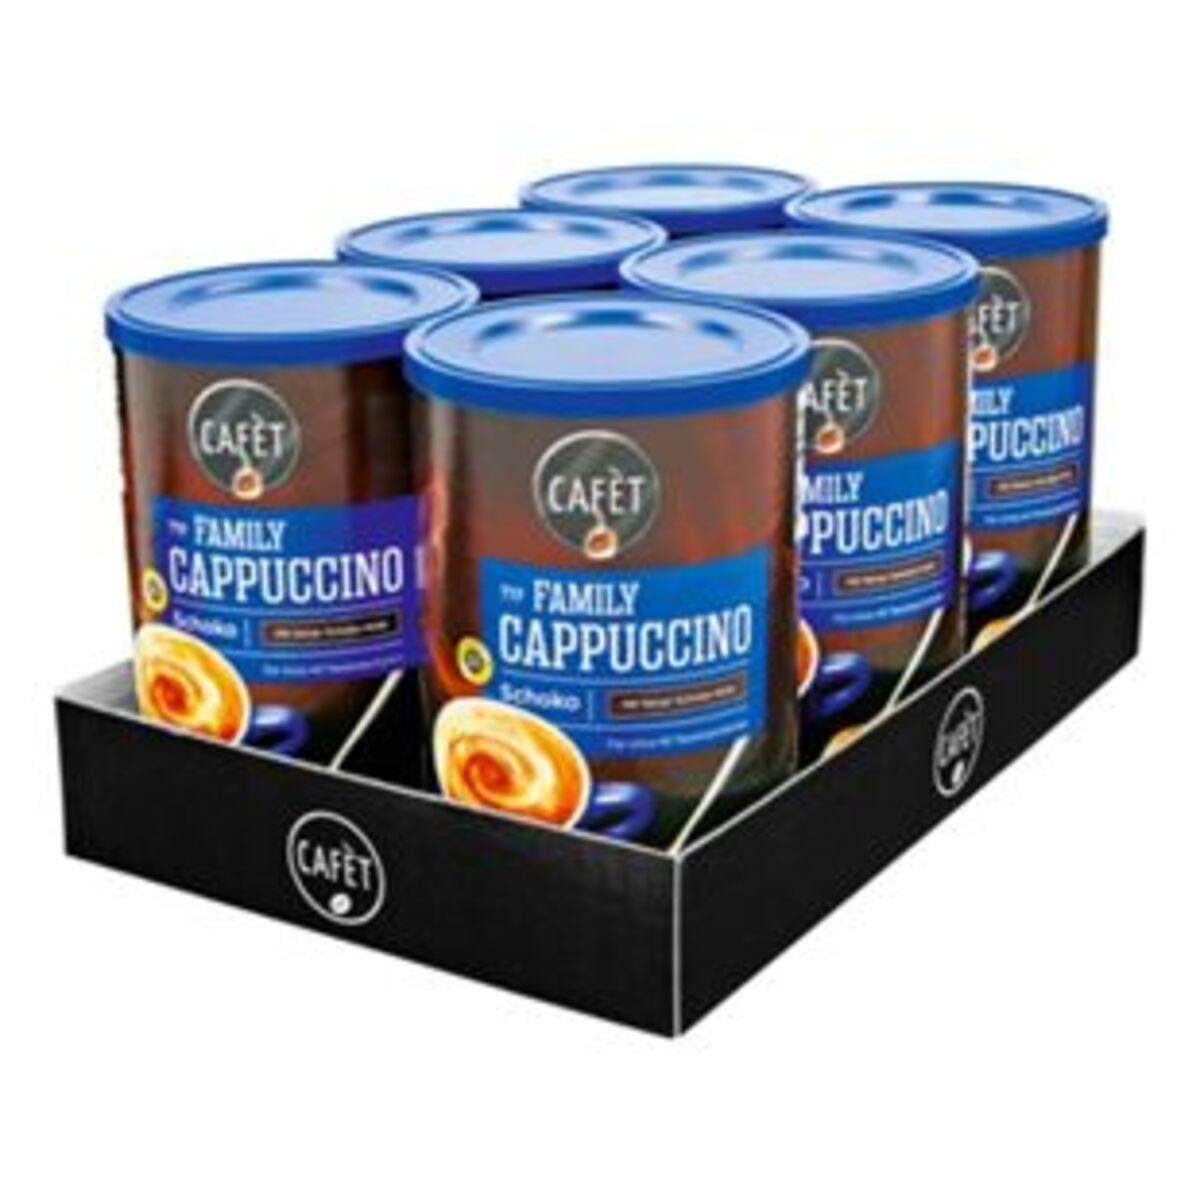 Bild 2 von Cafet Cappuccino Schoko 500 g, 6er Pack